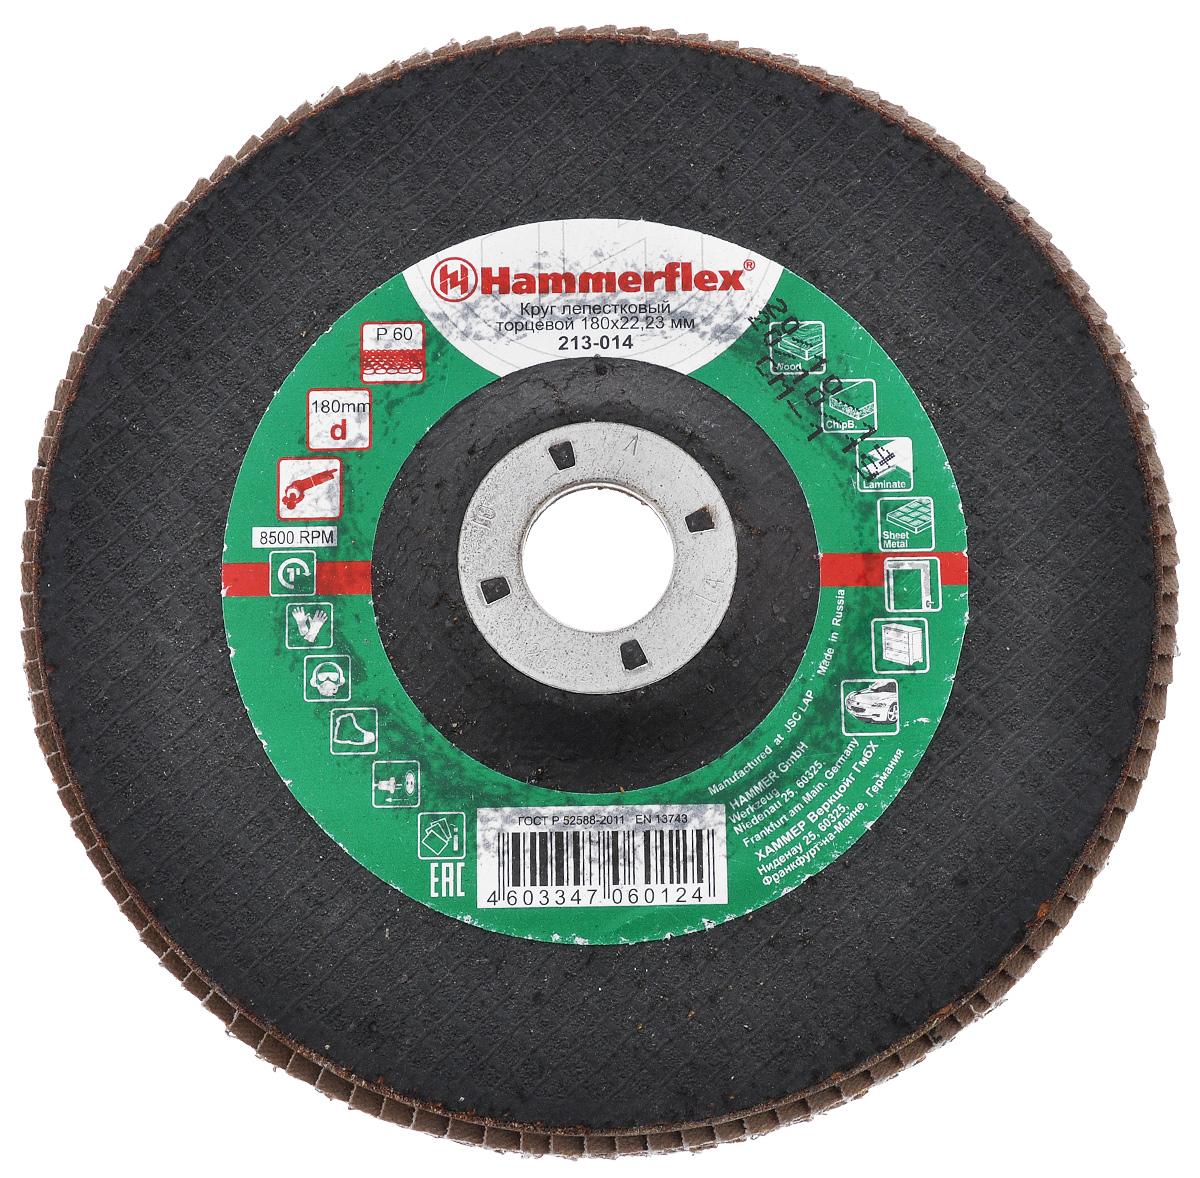 Круг лепестковый Hammerflex, торцевой, 180 мм х 22 мм, зерно 6029441Лепестковый торцевой круг Hammerflex предназначен для торцевого и плоского шлифования, обработки кромок и сварных швов деталей и конструкций из различных марок сталей и цветных металлов. Техническая тканевая основа: - высокая прочность, гибкость и износостойкость; - водостойкая пропитка; - низкое растяжение основы при работе; - грунтование - нанесения покрытия на нерабочую обратную сторону. Связующий состав: - искусственная смола, обладающая повышенной износоустойчивостью; - оптимальное отведение тепла от зерна в процессе работы; - оптимально подобраны характеристики эластичности и жесткости. Шлифовальный (абразивный) материал: - синтетический материал оксид алюминия (электрокорунд Al2O3) - высокая твердость, стойкость (прочность) и острые края зерна; - самозатачивание зерна в процессе шлифования; - синтетическое покрытие зерна увеличивает срок службы и усиливает шлифовальные свойства (стойкость к разрушению зерна). Максимальные обороты: 8500 оборотов/мин.